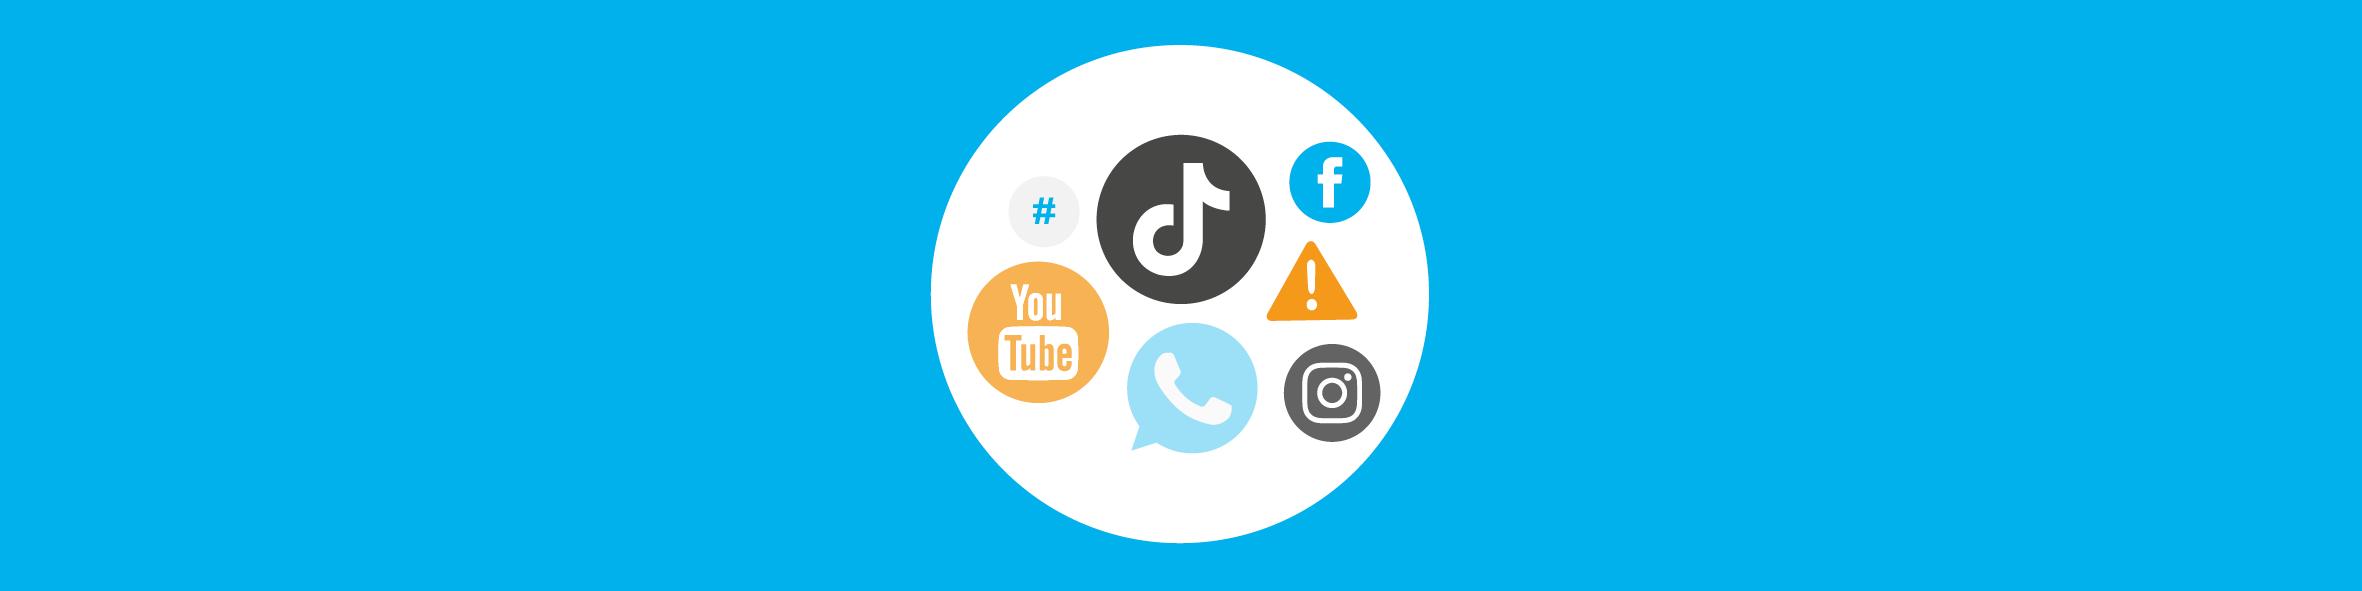 Social media - Cloudwise Academy header trainingsaanbod